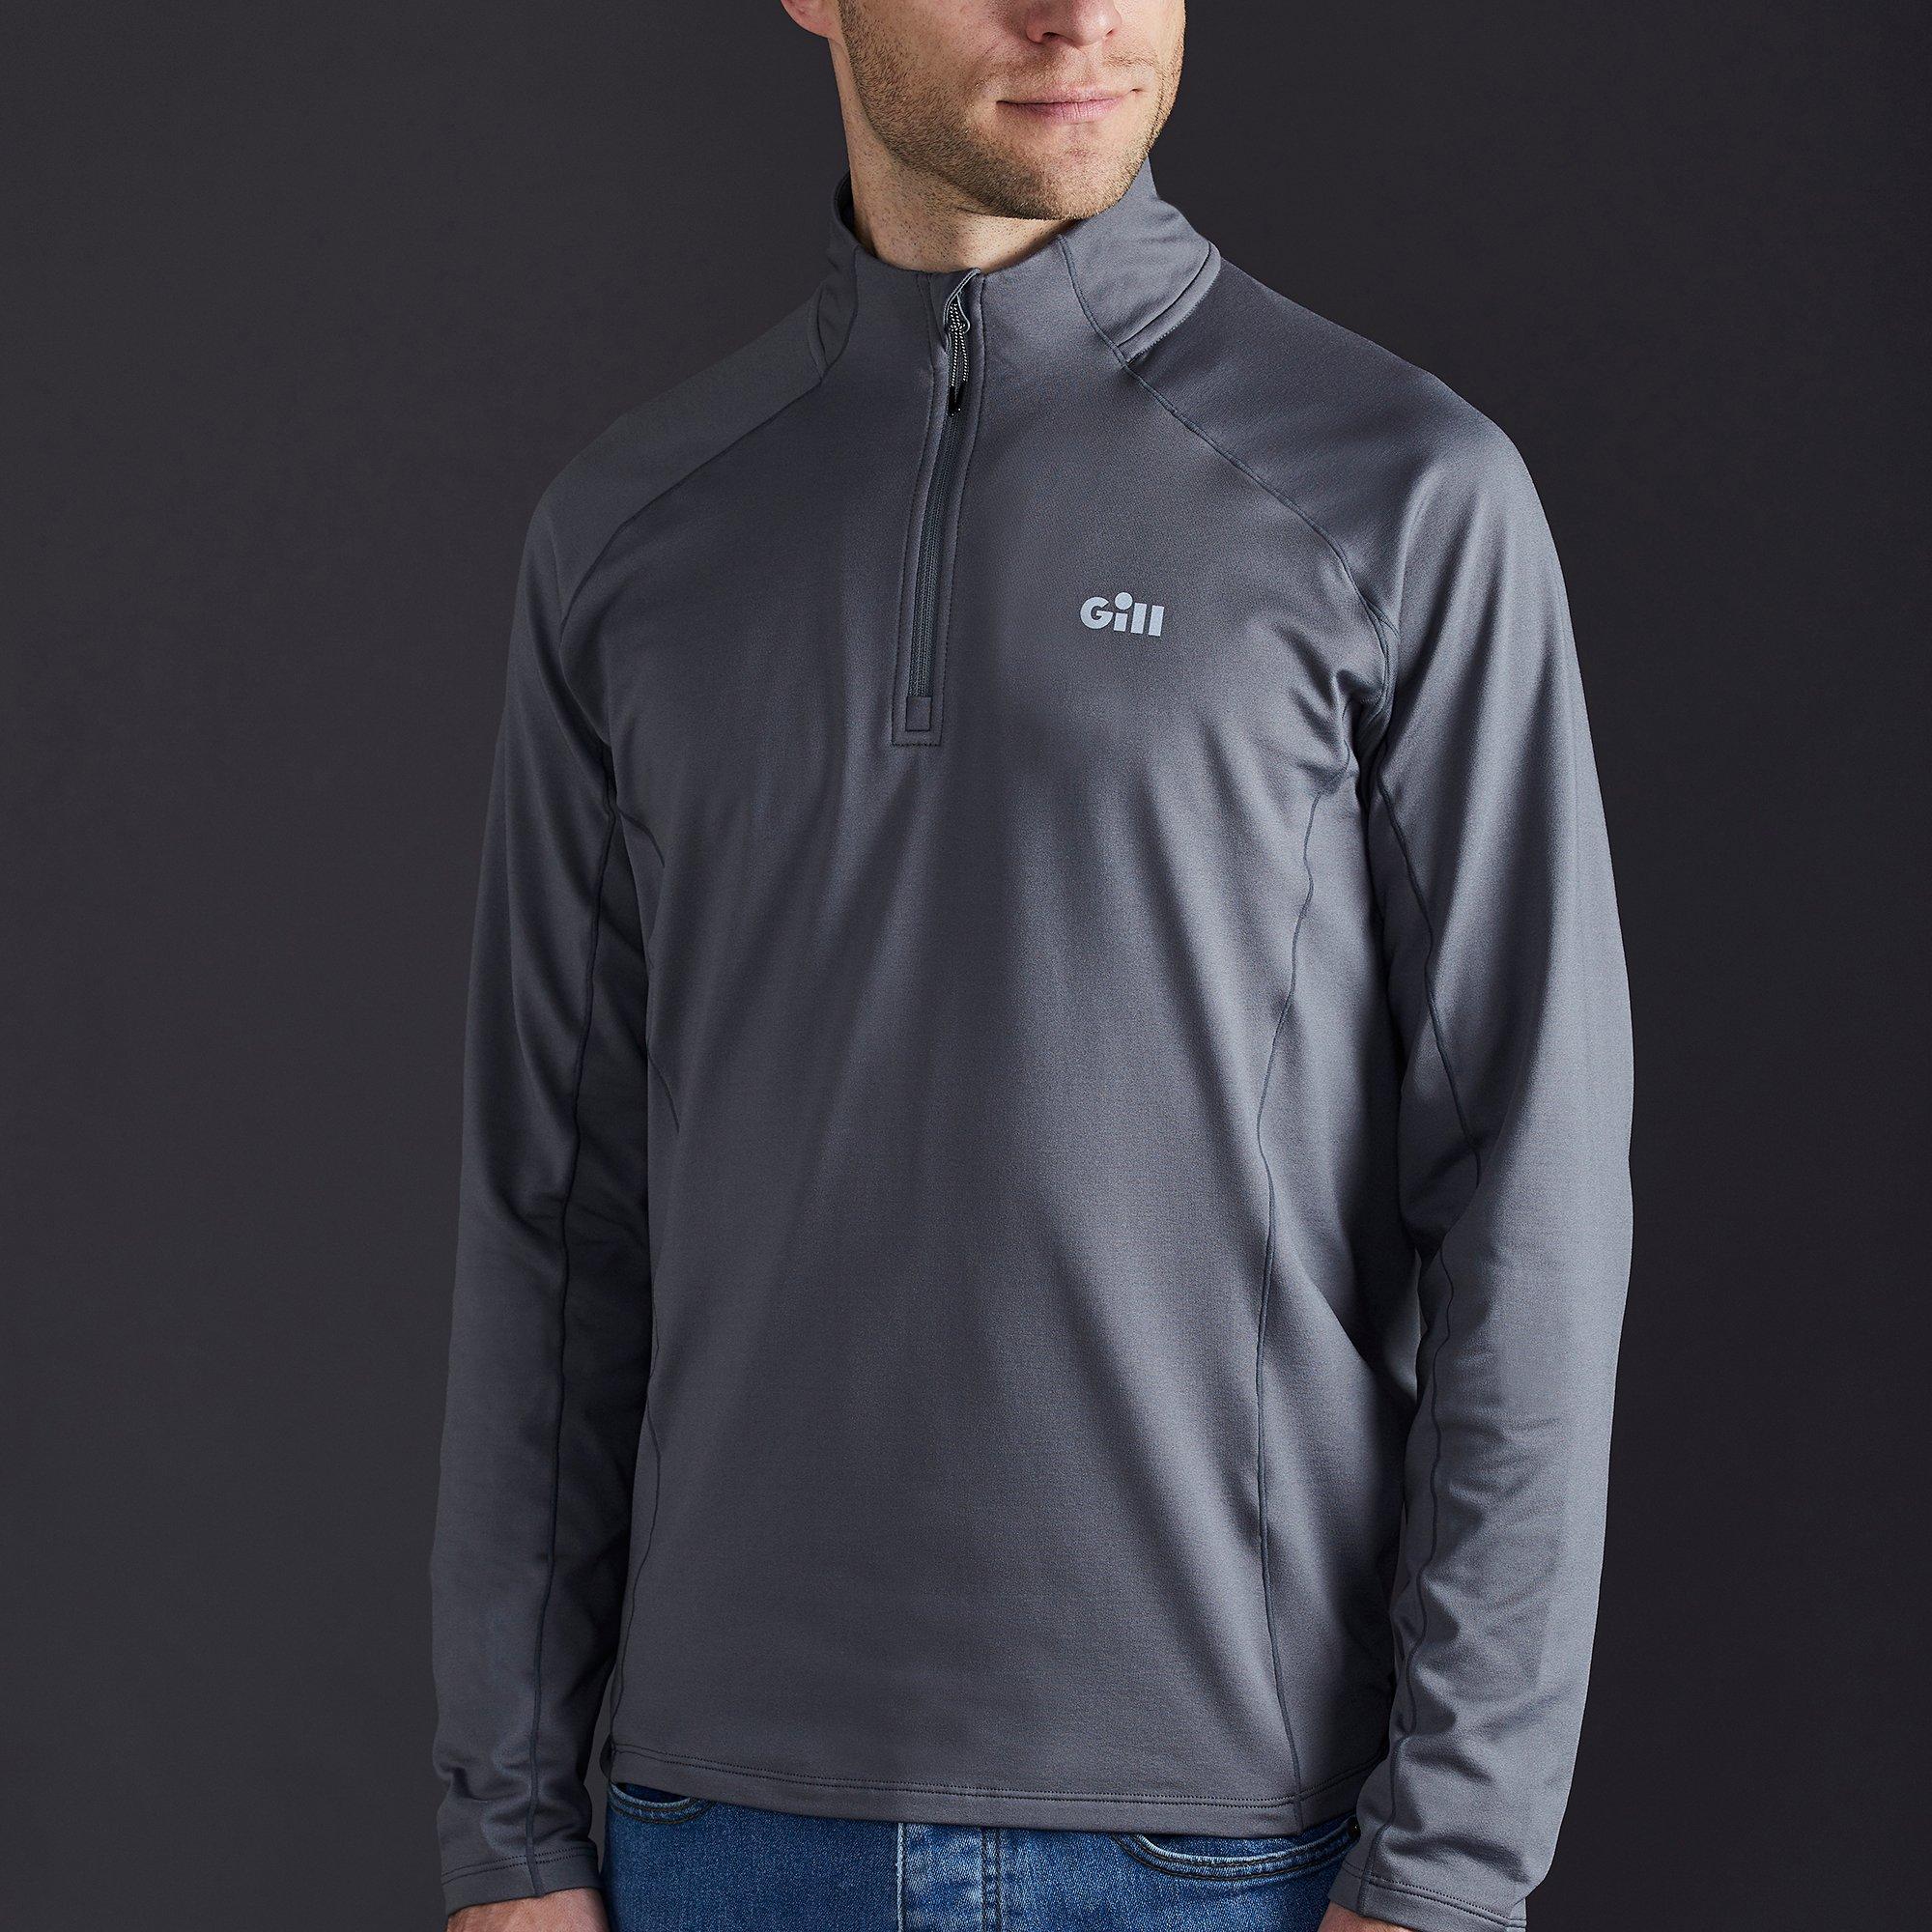 Men's Heybrook Zip Top - 1106-STE01-MODEL_1.jpg